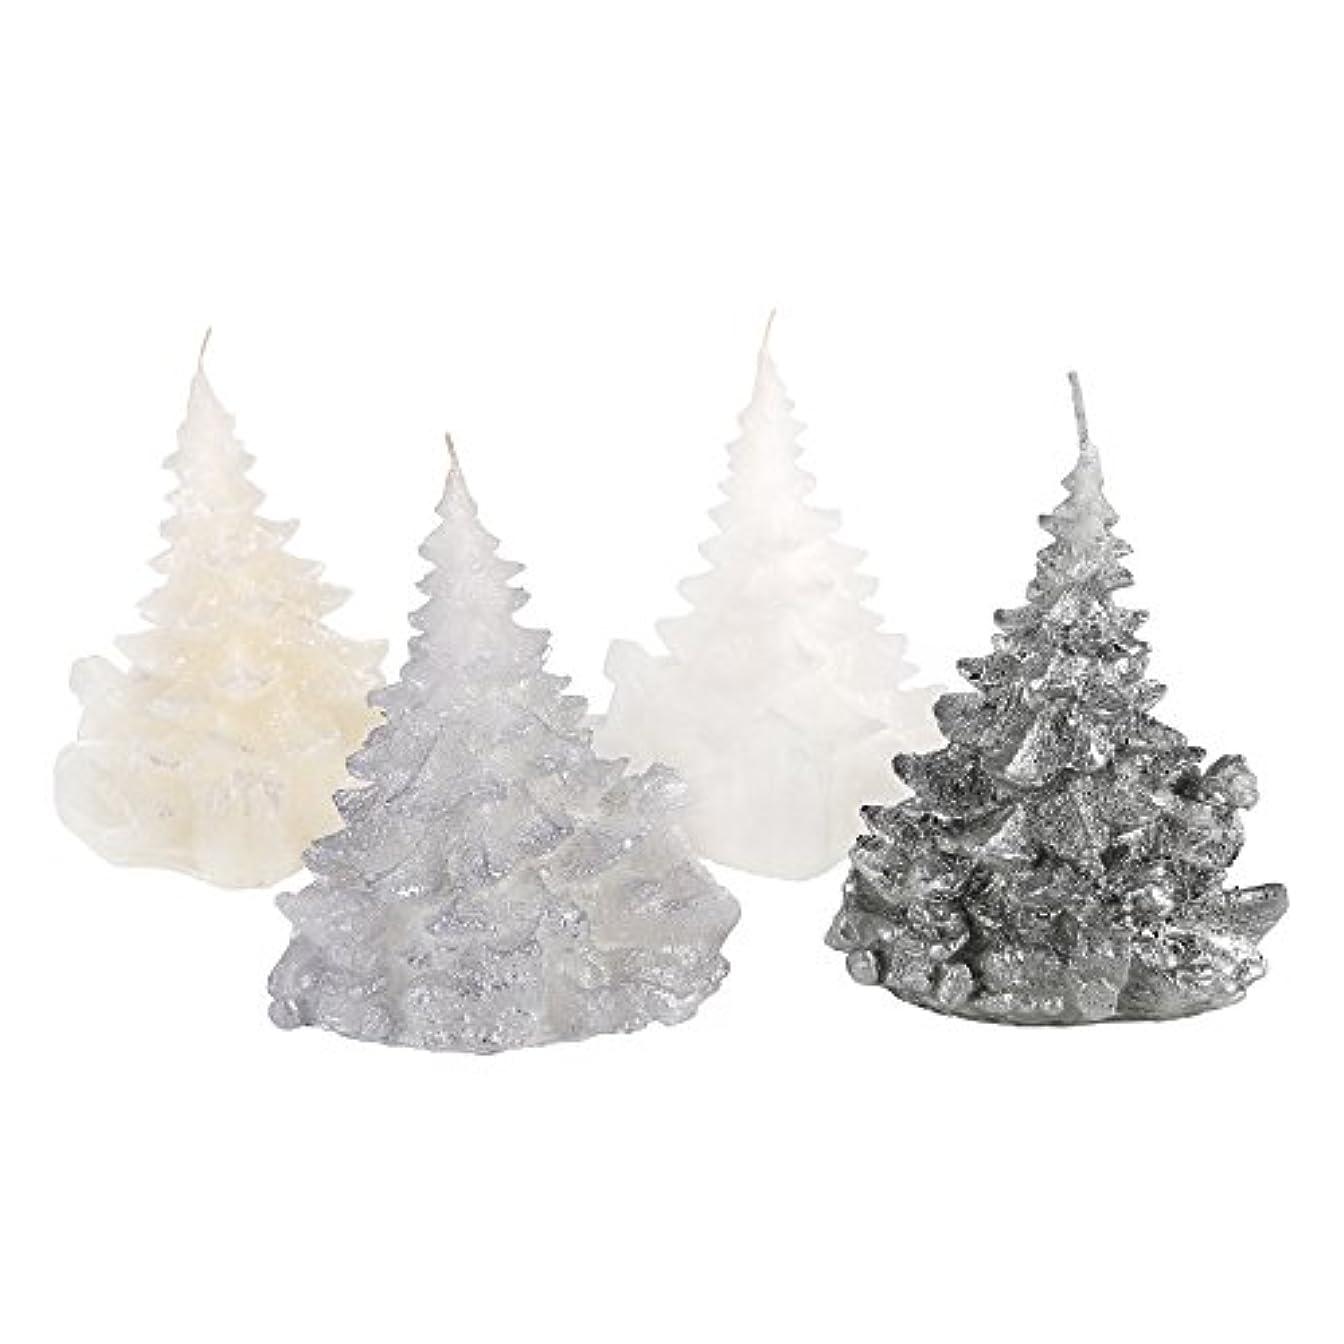 日焼けライトニング貢献Candle Atelierハンドメイド休日キャンドル Merry Christmas Trees 4F1-CTP1VTW-0SP